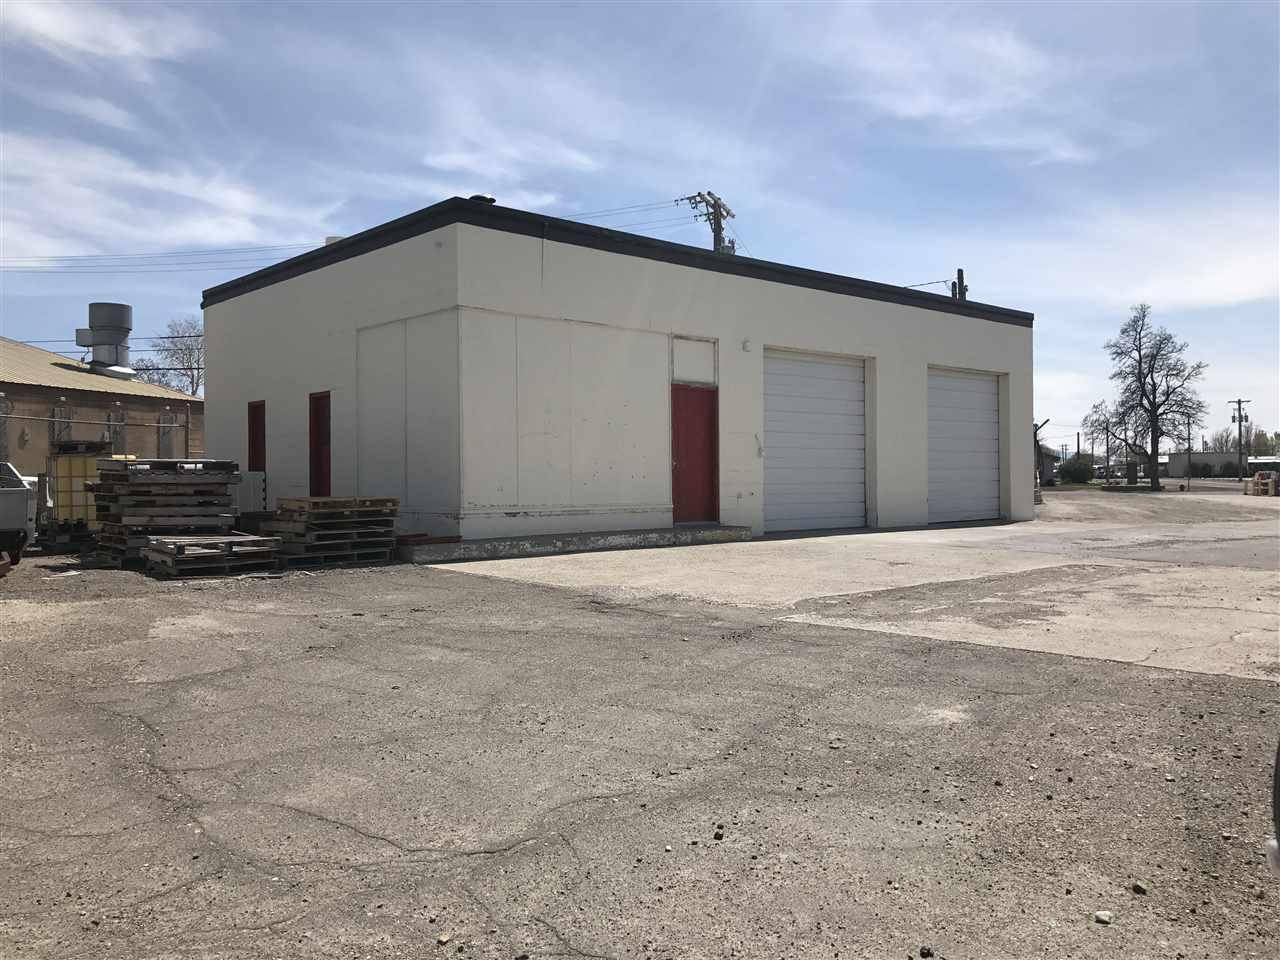 308 S Oneida St,Rupert,Idaho 83350,Business/Commercial,308 S Oneida St,98652883